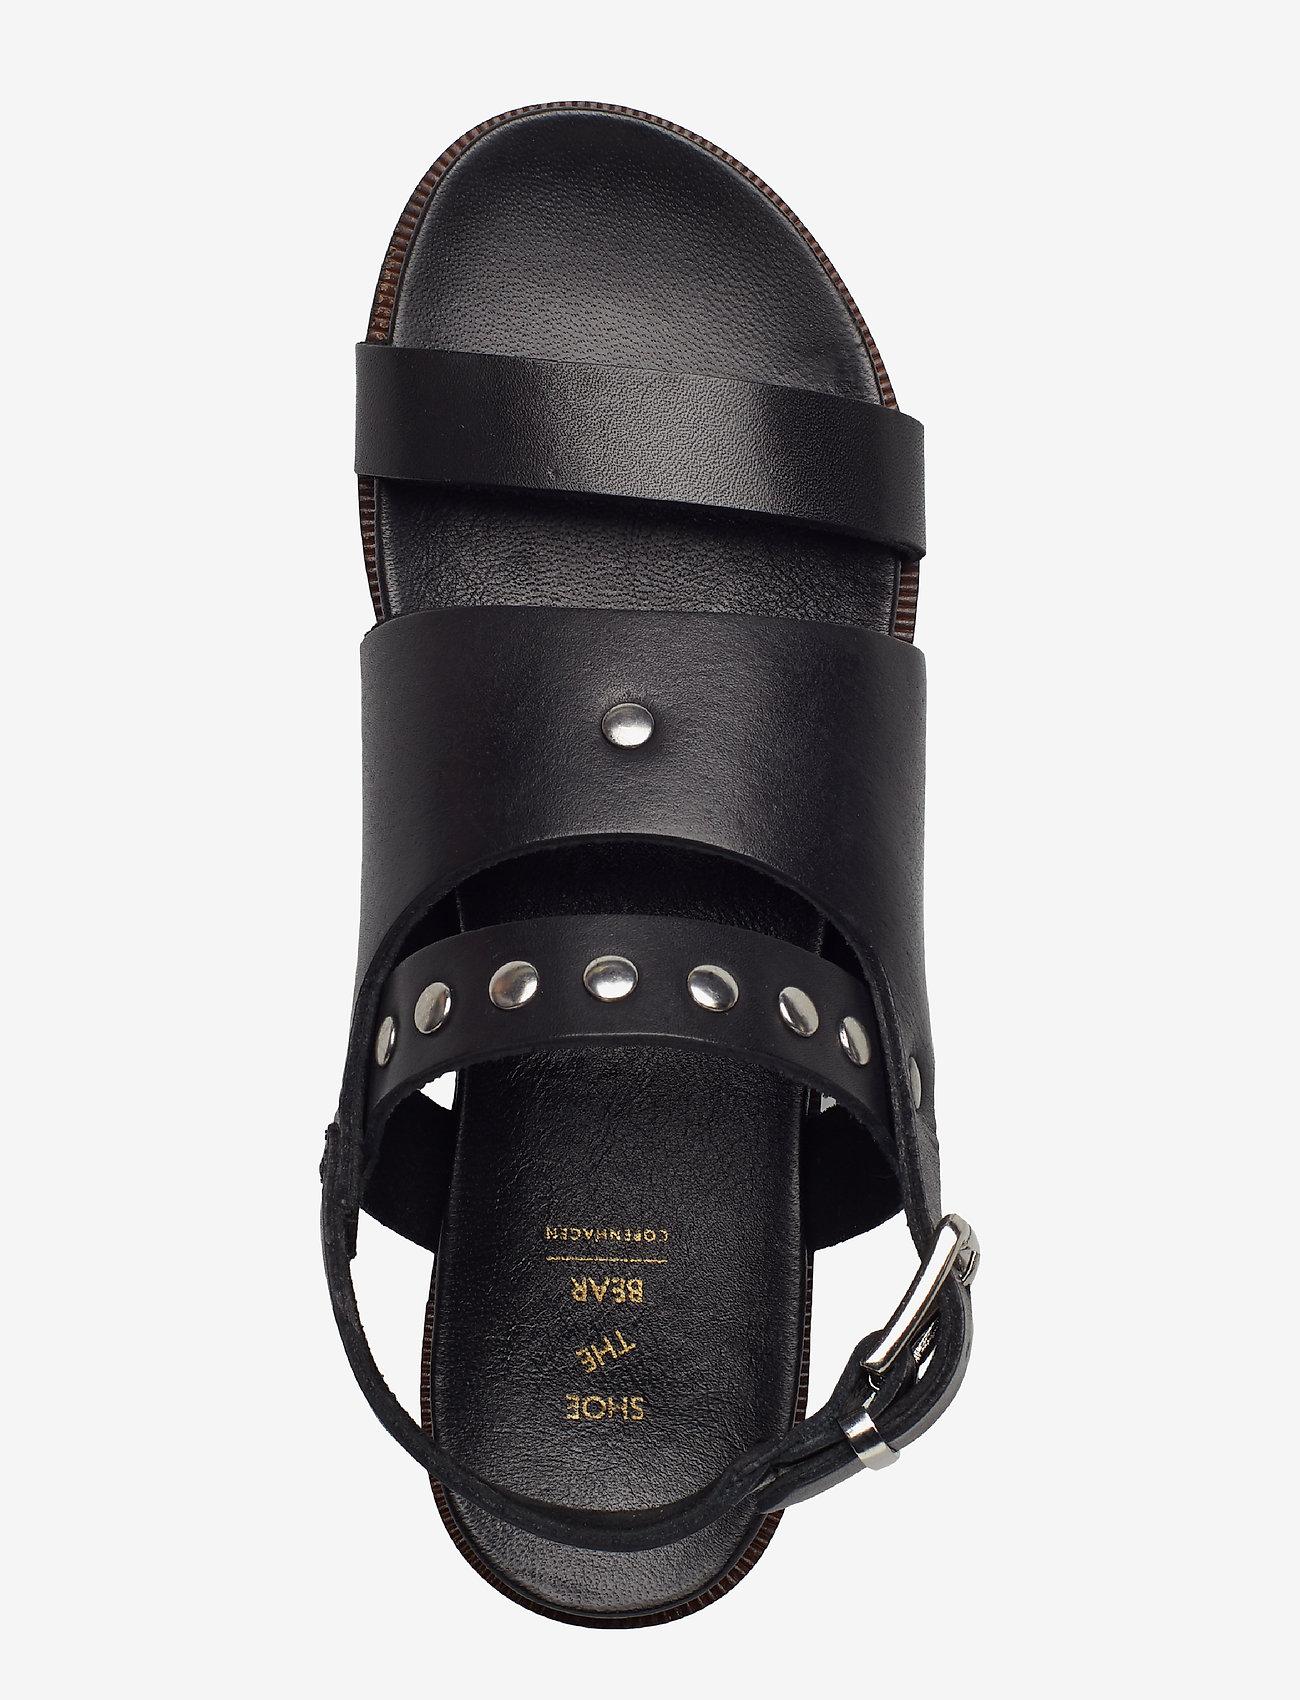 Kim Studs (Black) - Shoe The Bear